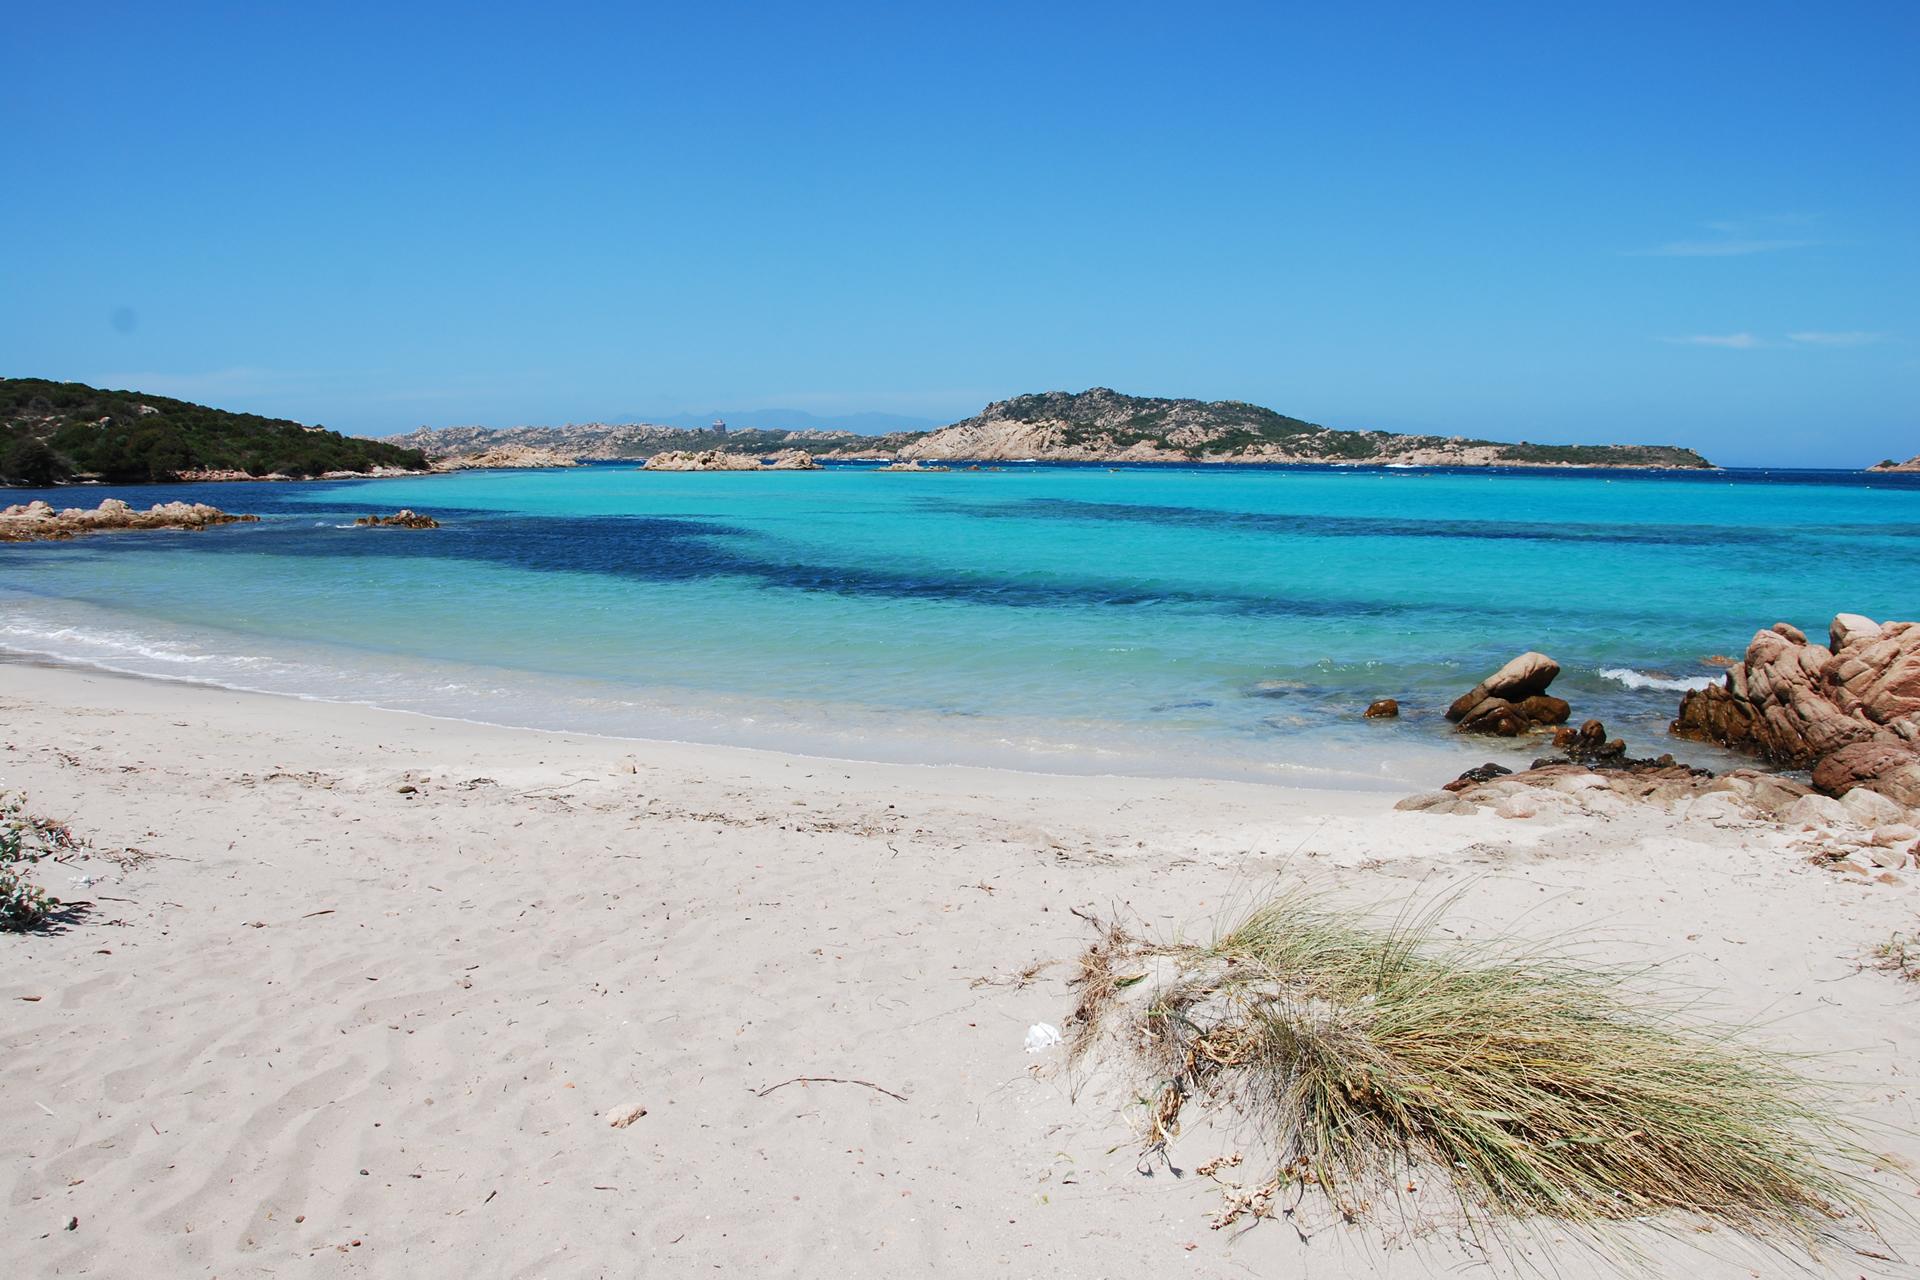 Spiaggia Cavaliere